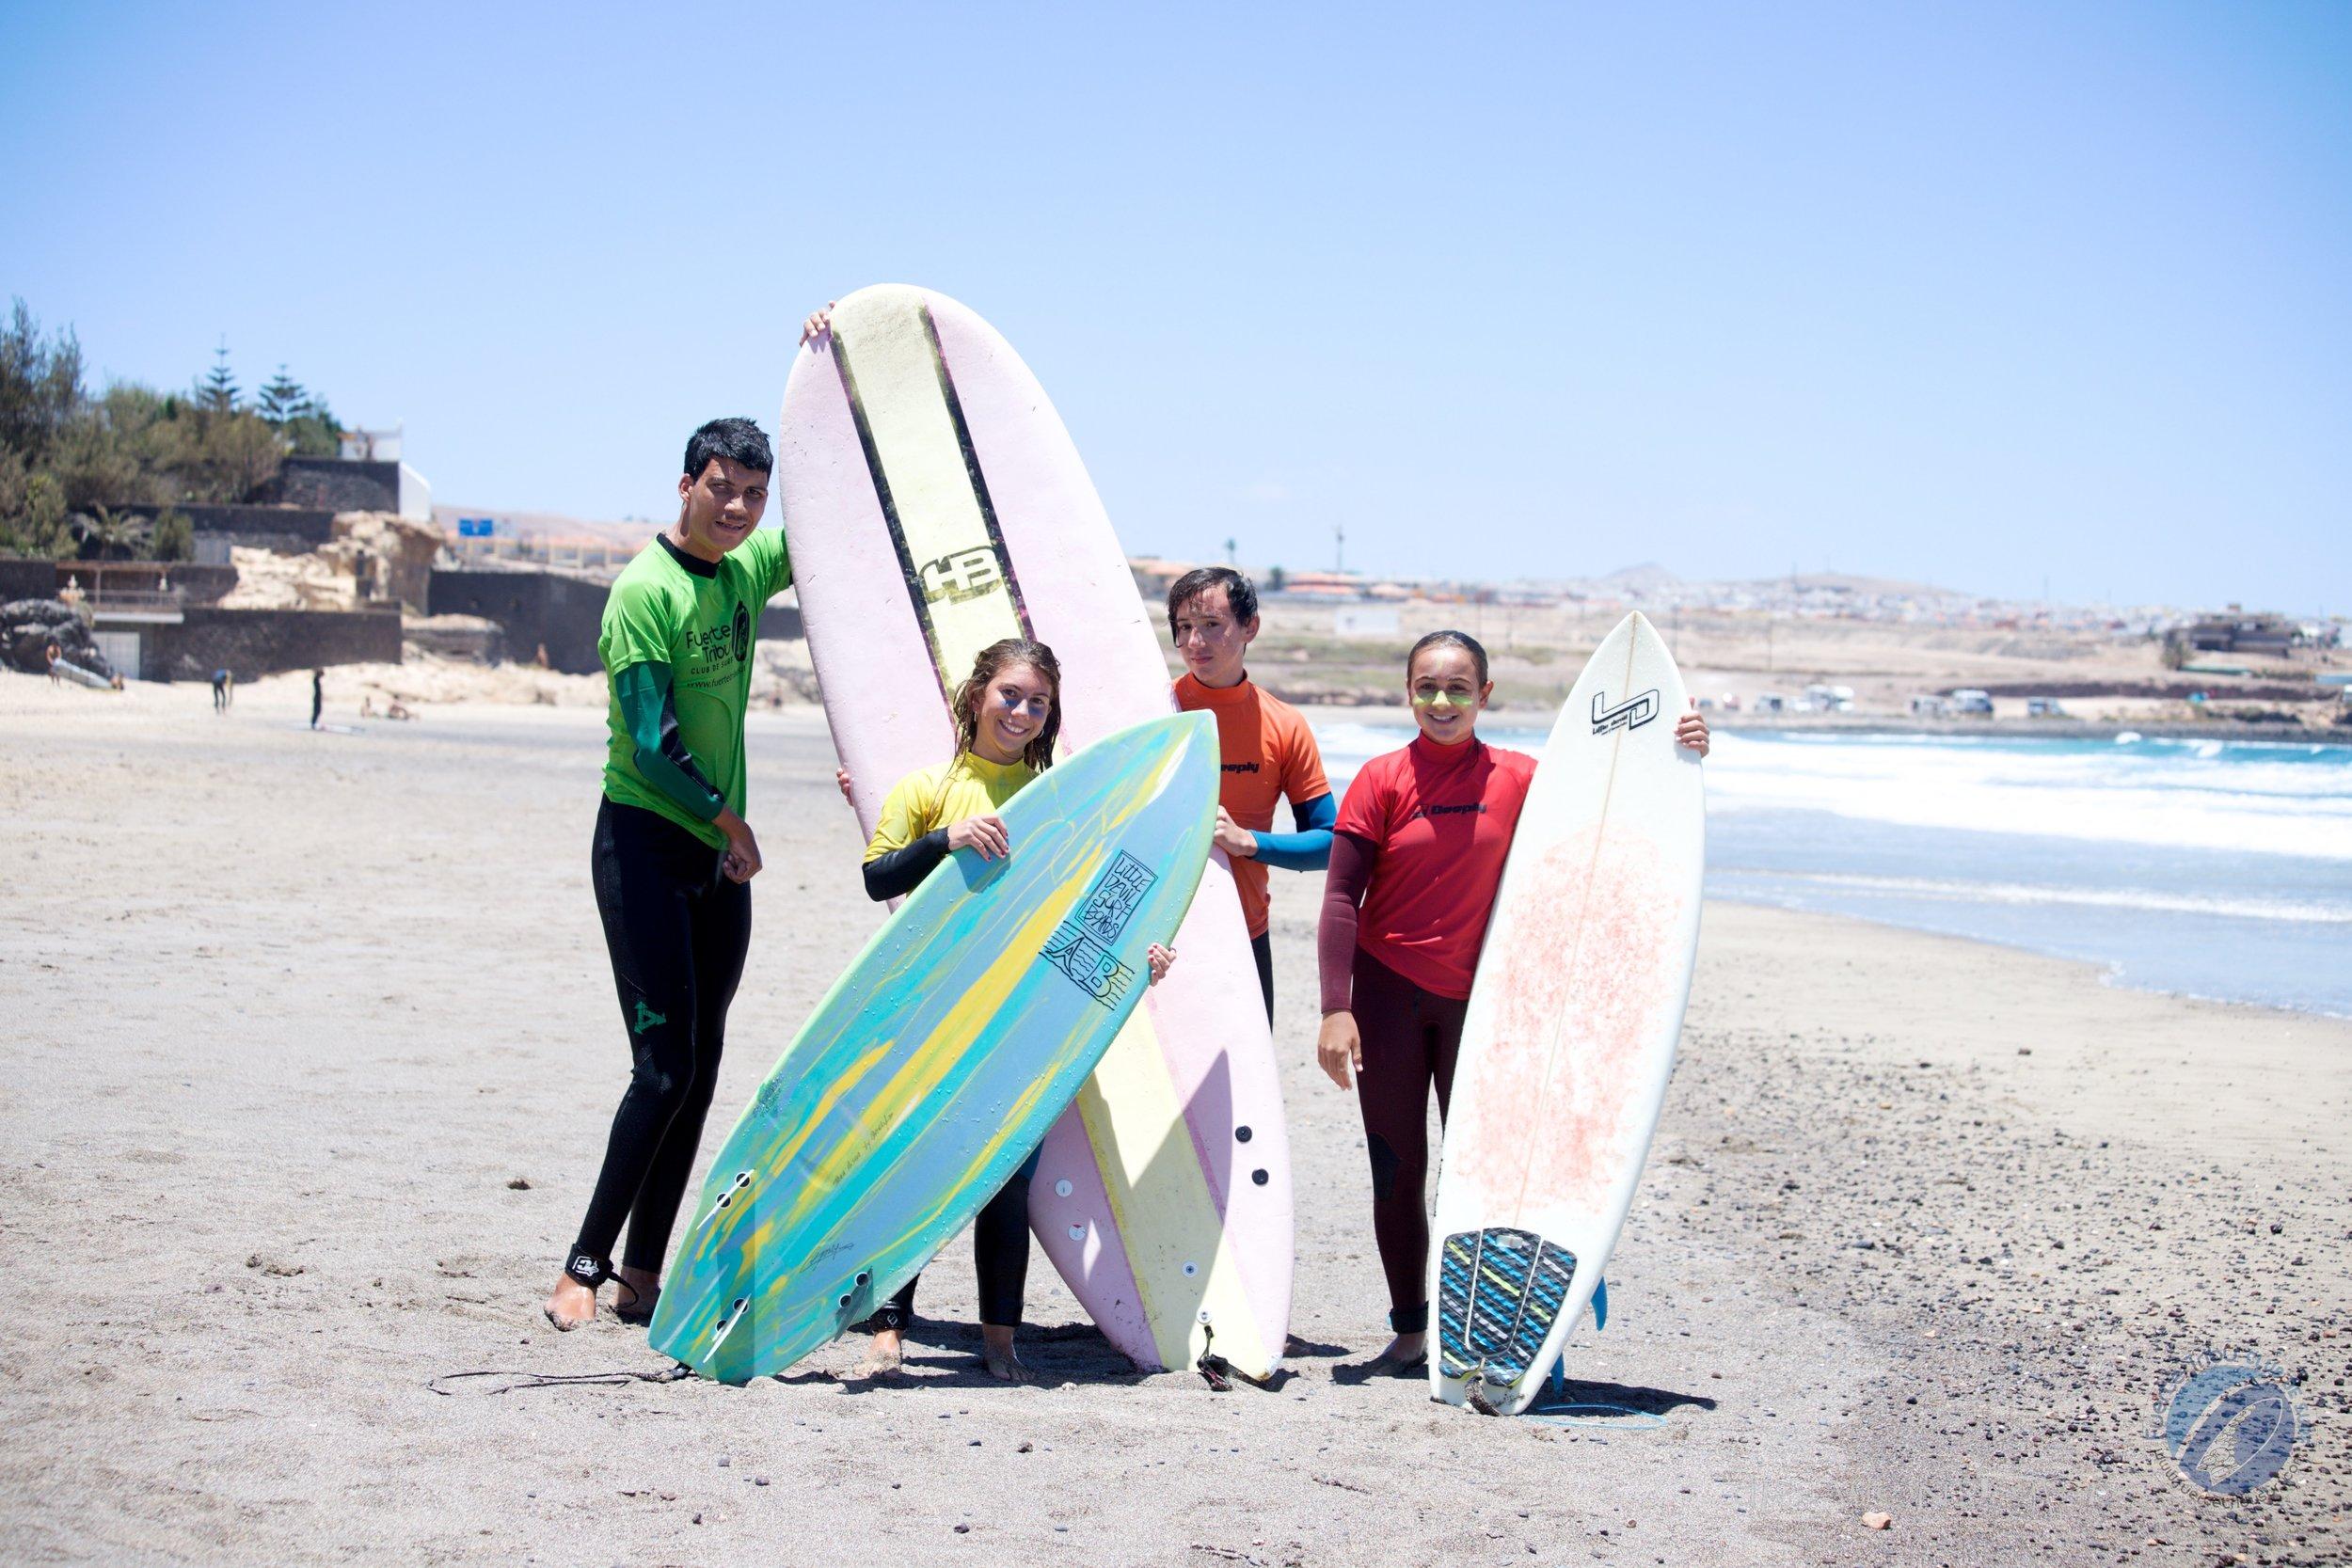 FUERTETRIBU_INTRACLUB_SURF_CAMPEONATO_KIDSIMG_0890.jpg